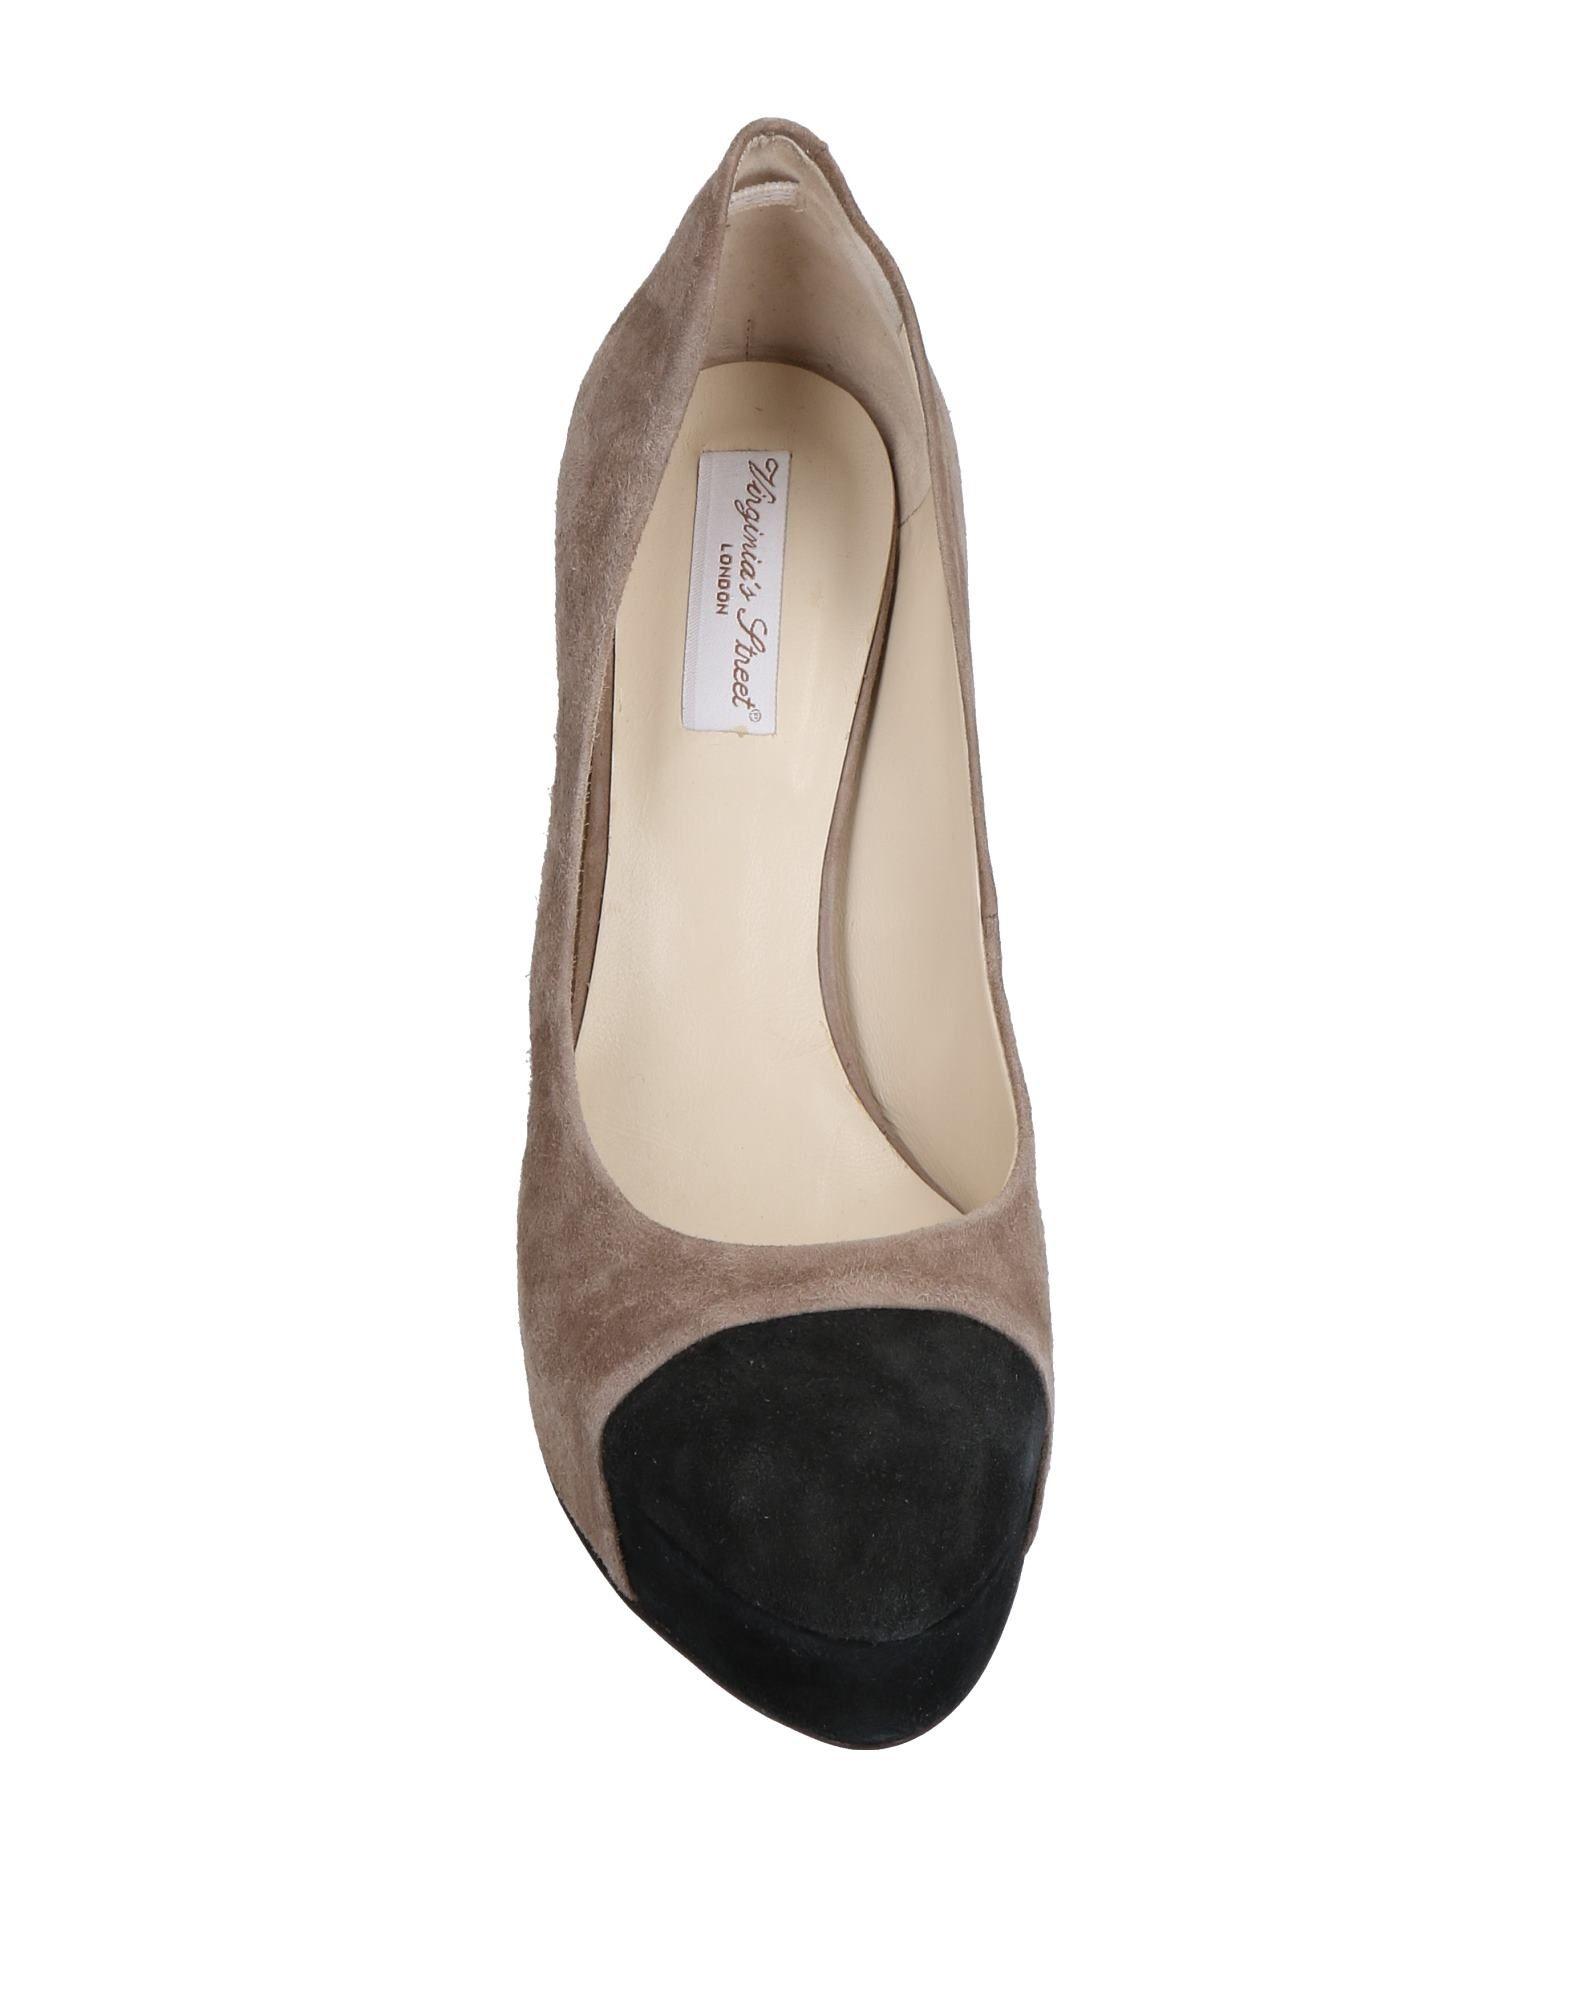 Virginia's Street Pumps Qualität Damen  11502775OV Gute Qualität Pumps beliebte Schuhe ab3487